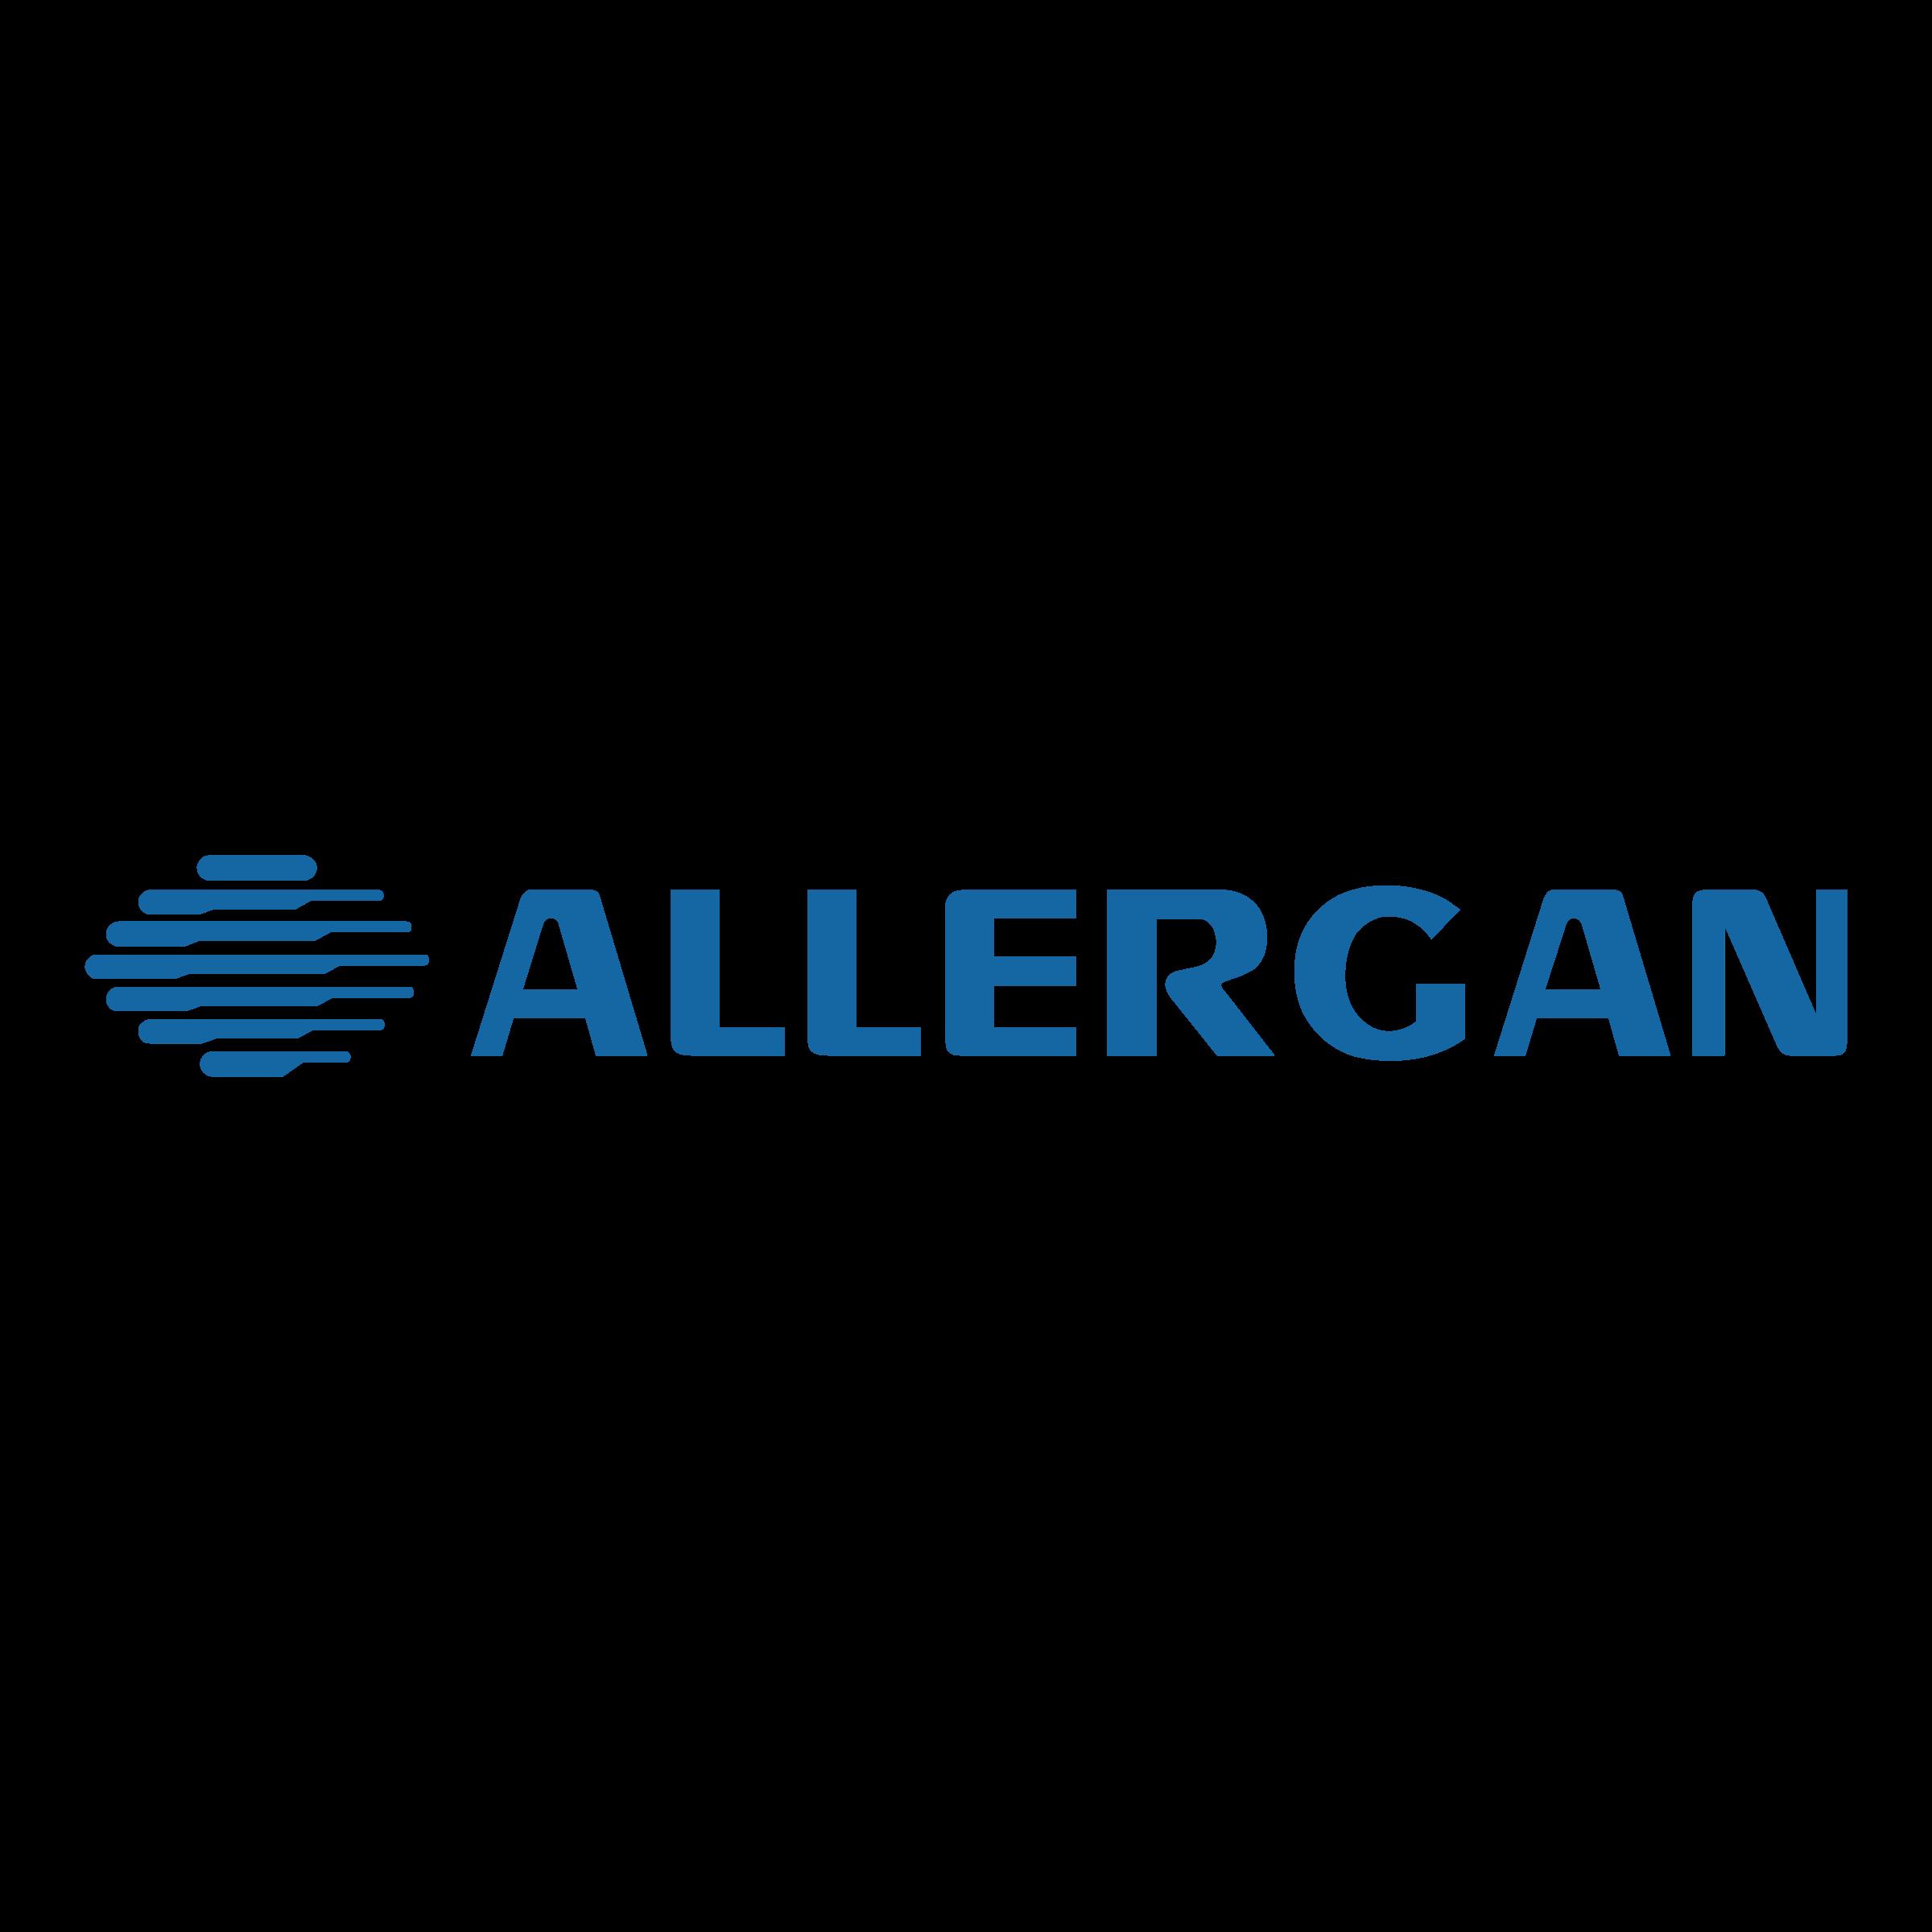 Allergan 01 Logo PNG Transparent & SVG Vector.